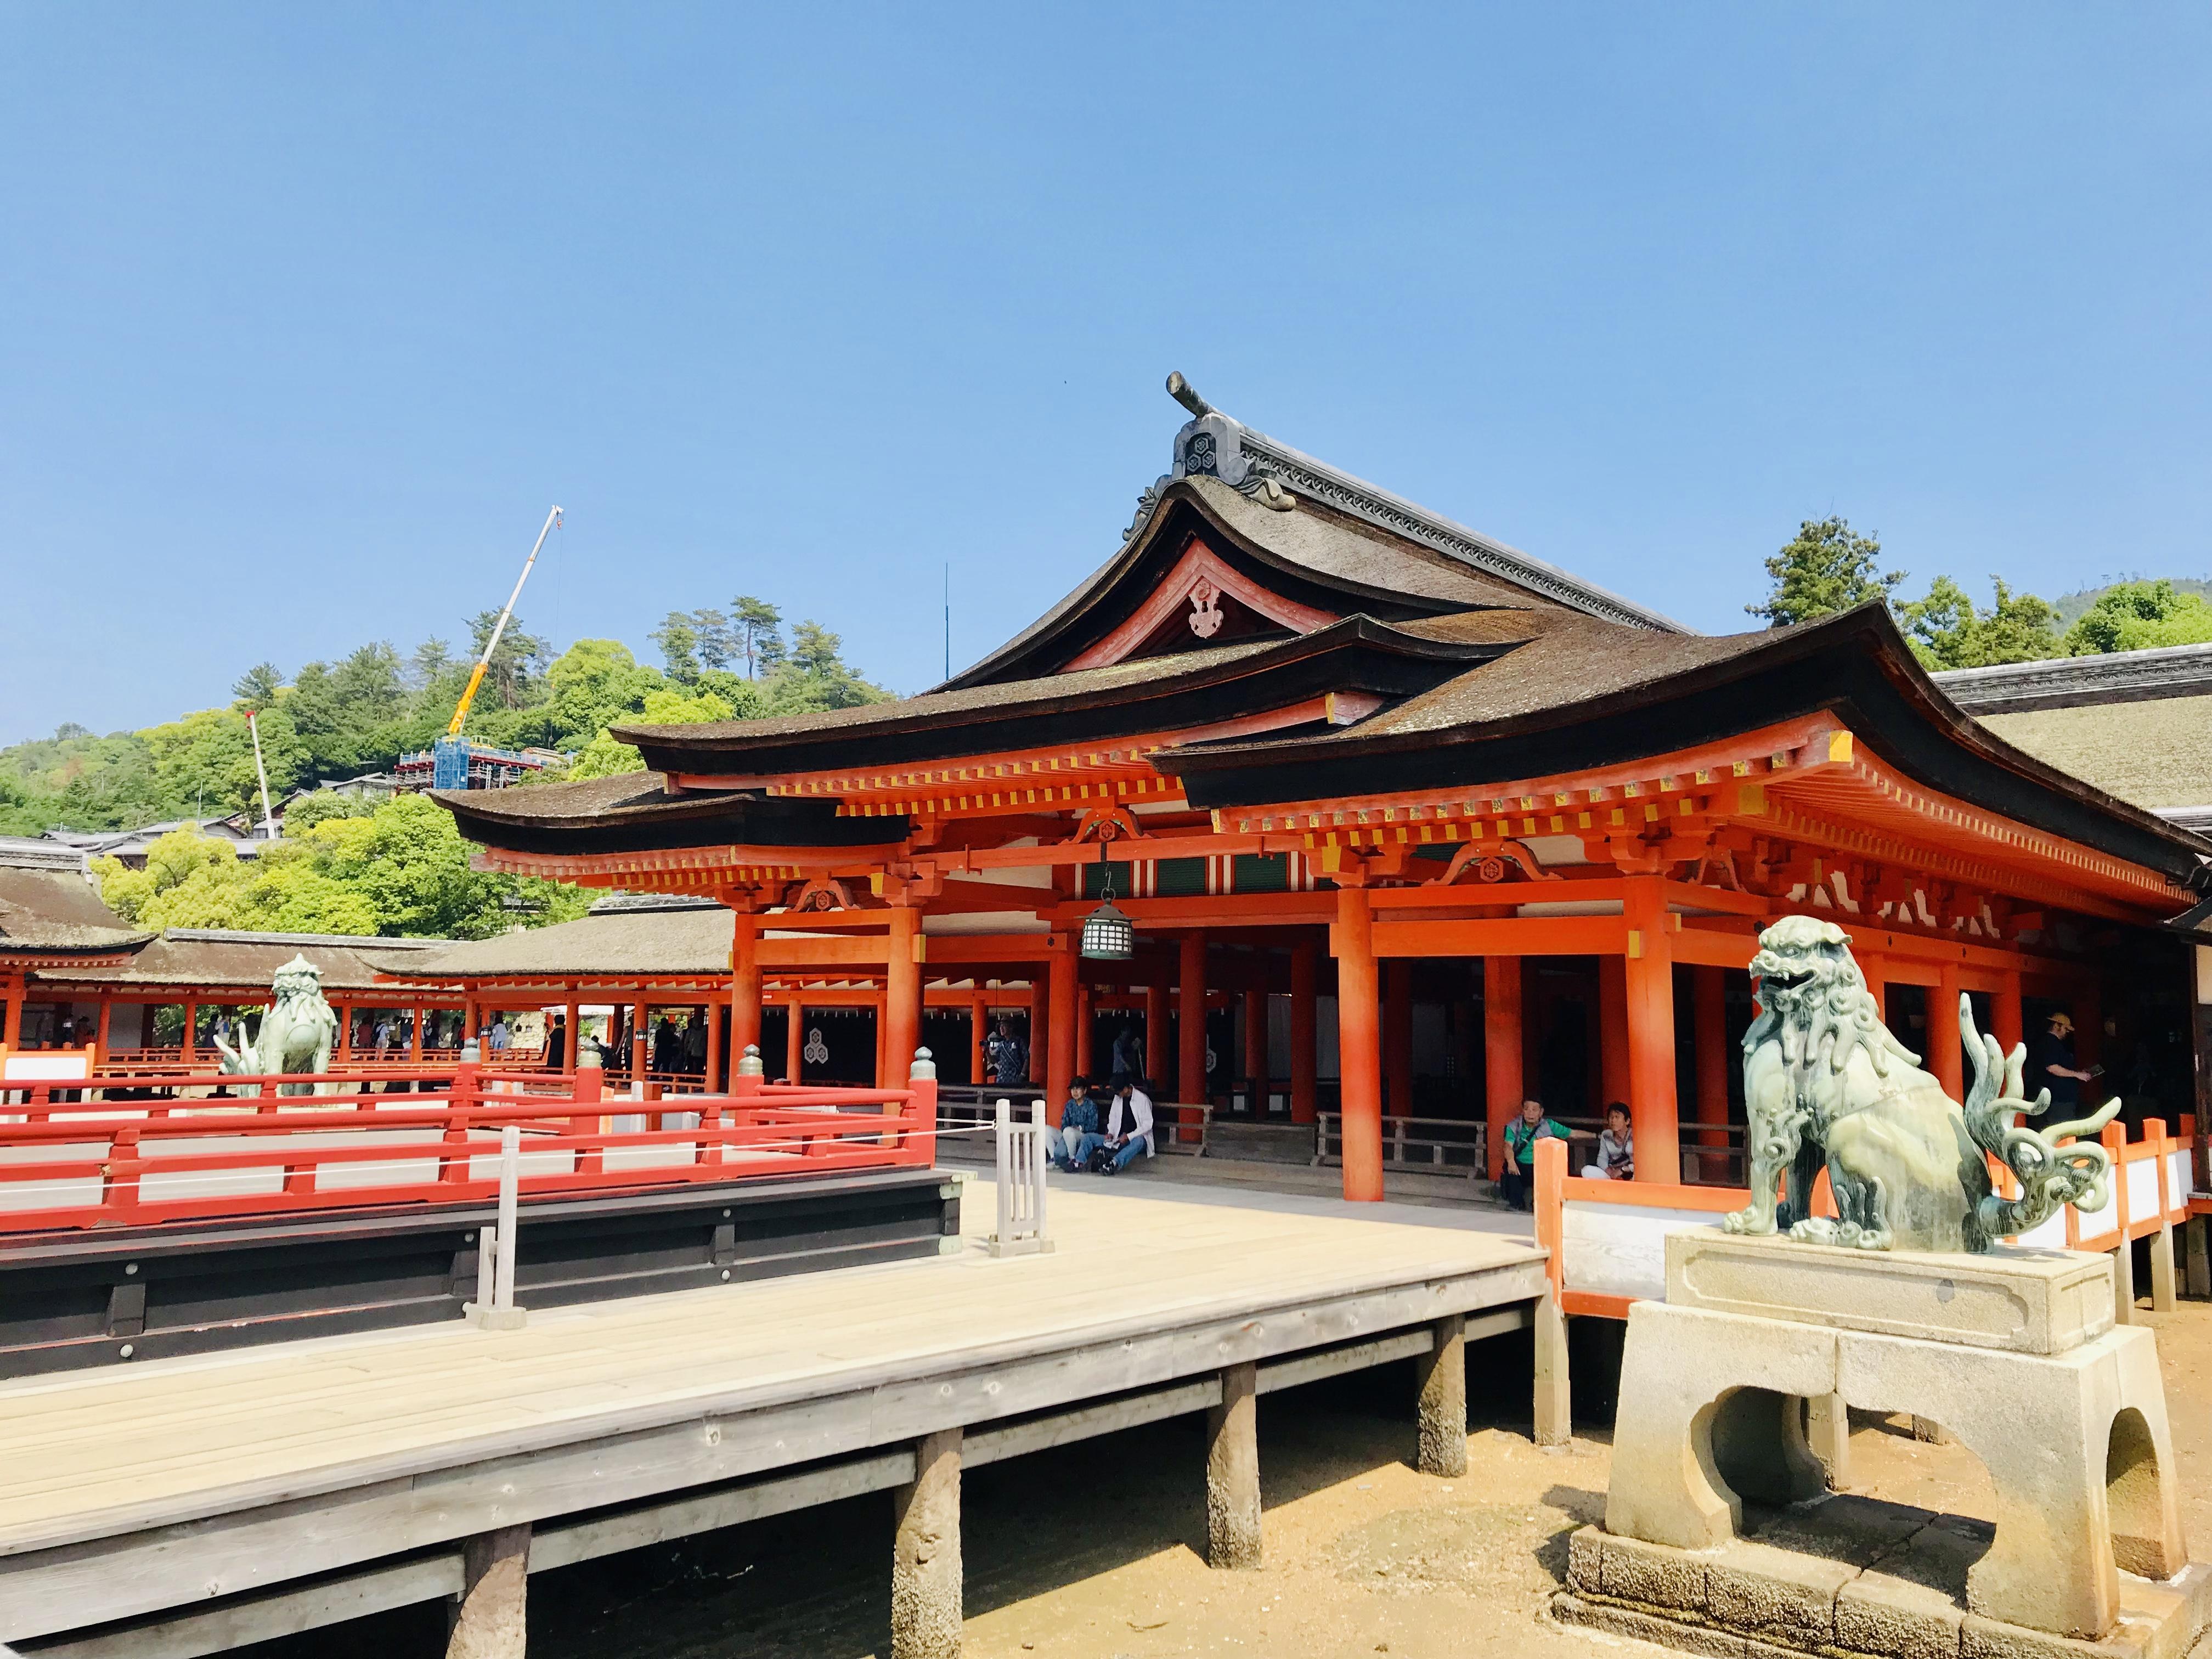 世界遺産厳島神社の魅力とは?!